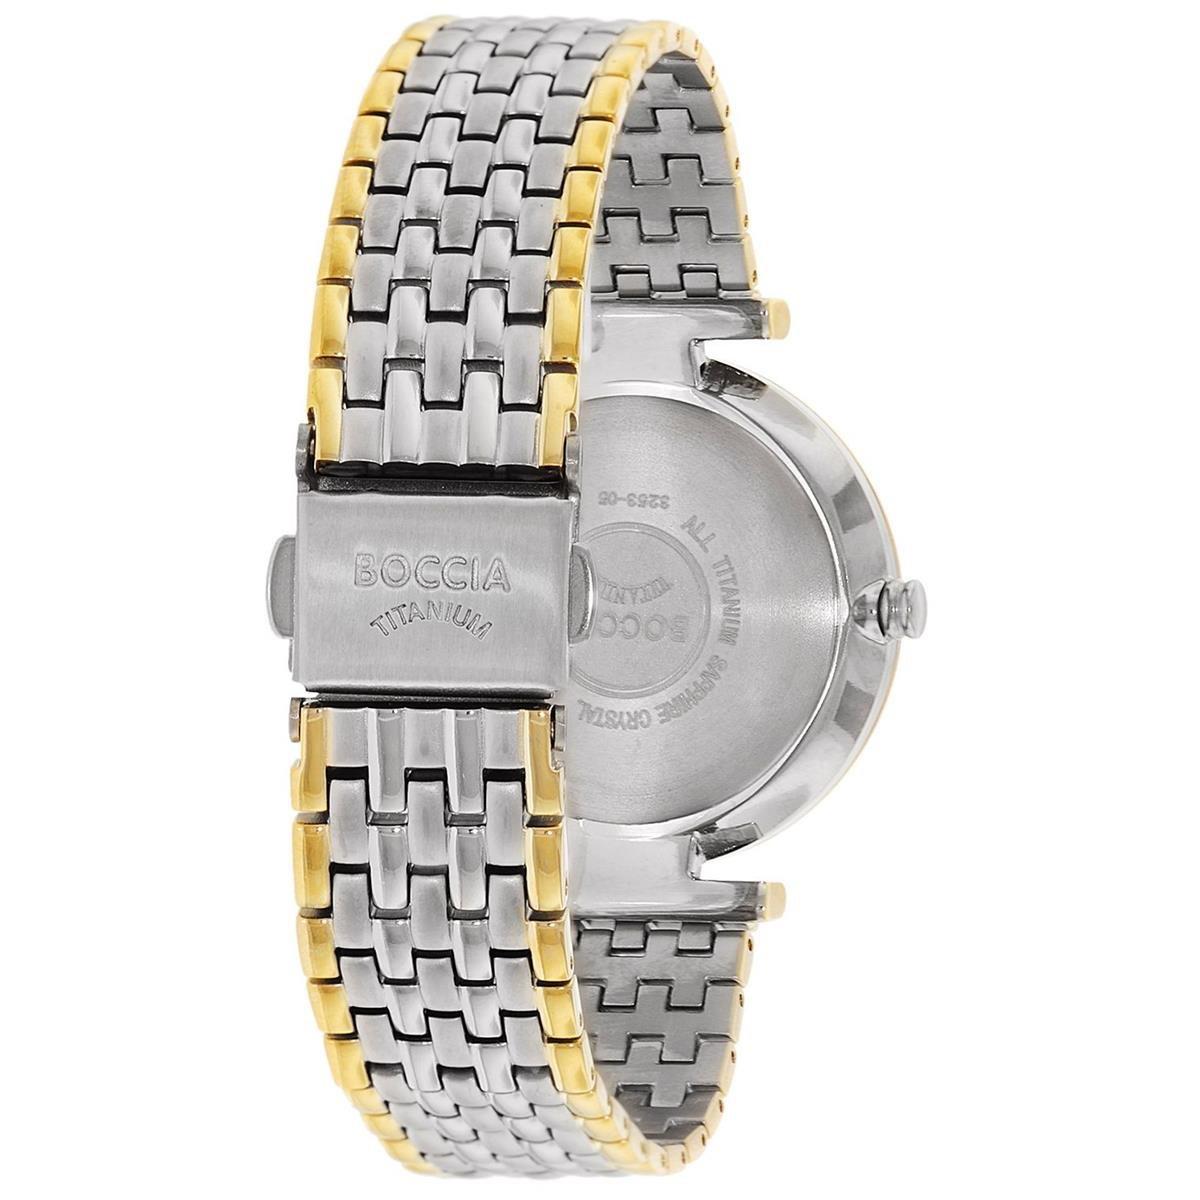 Elegantnй dбmske titбnovй hodinky BOCCIA